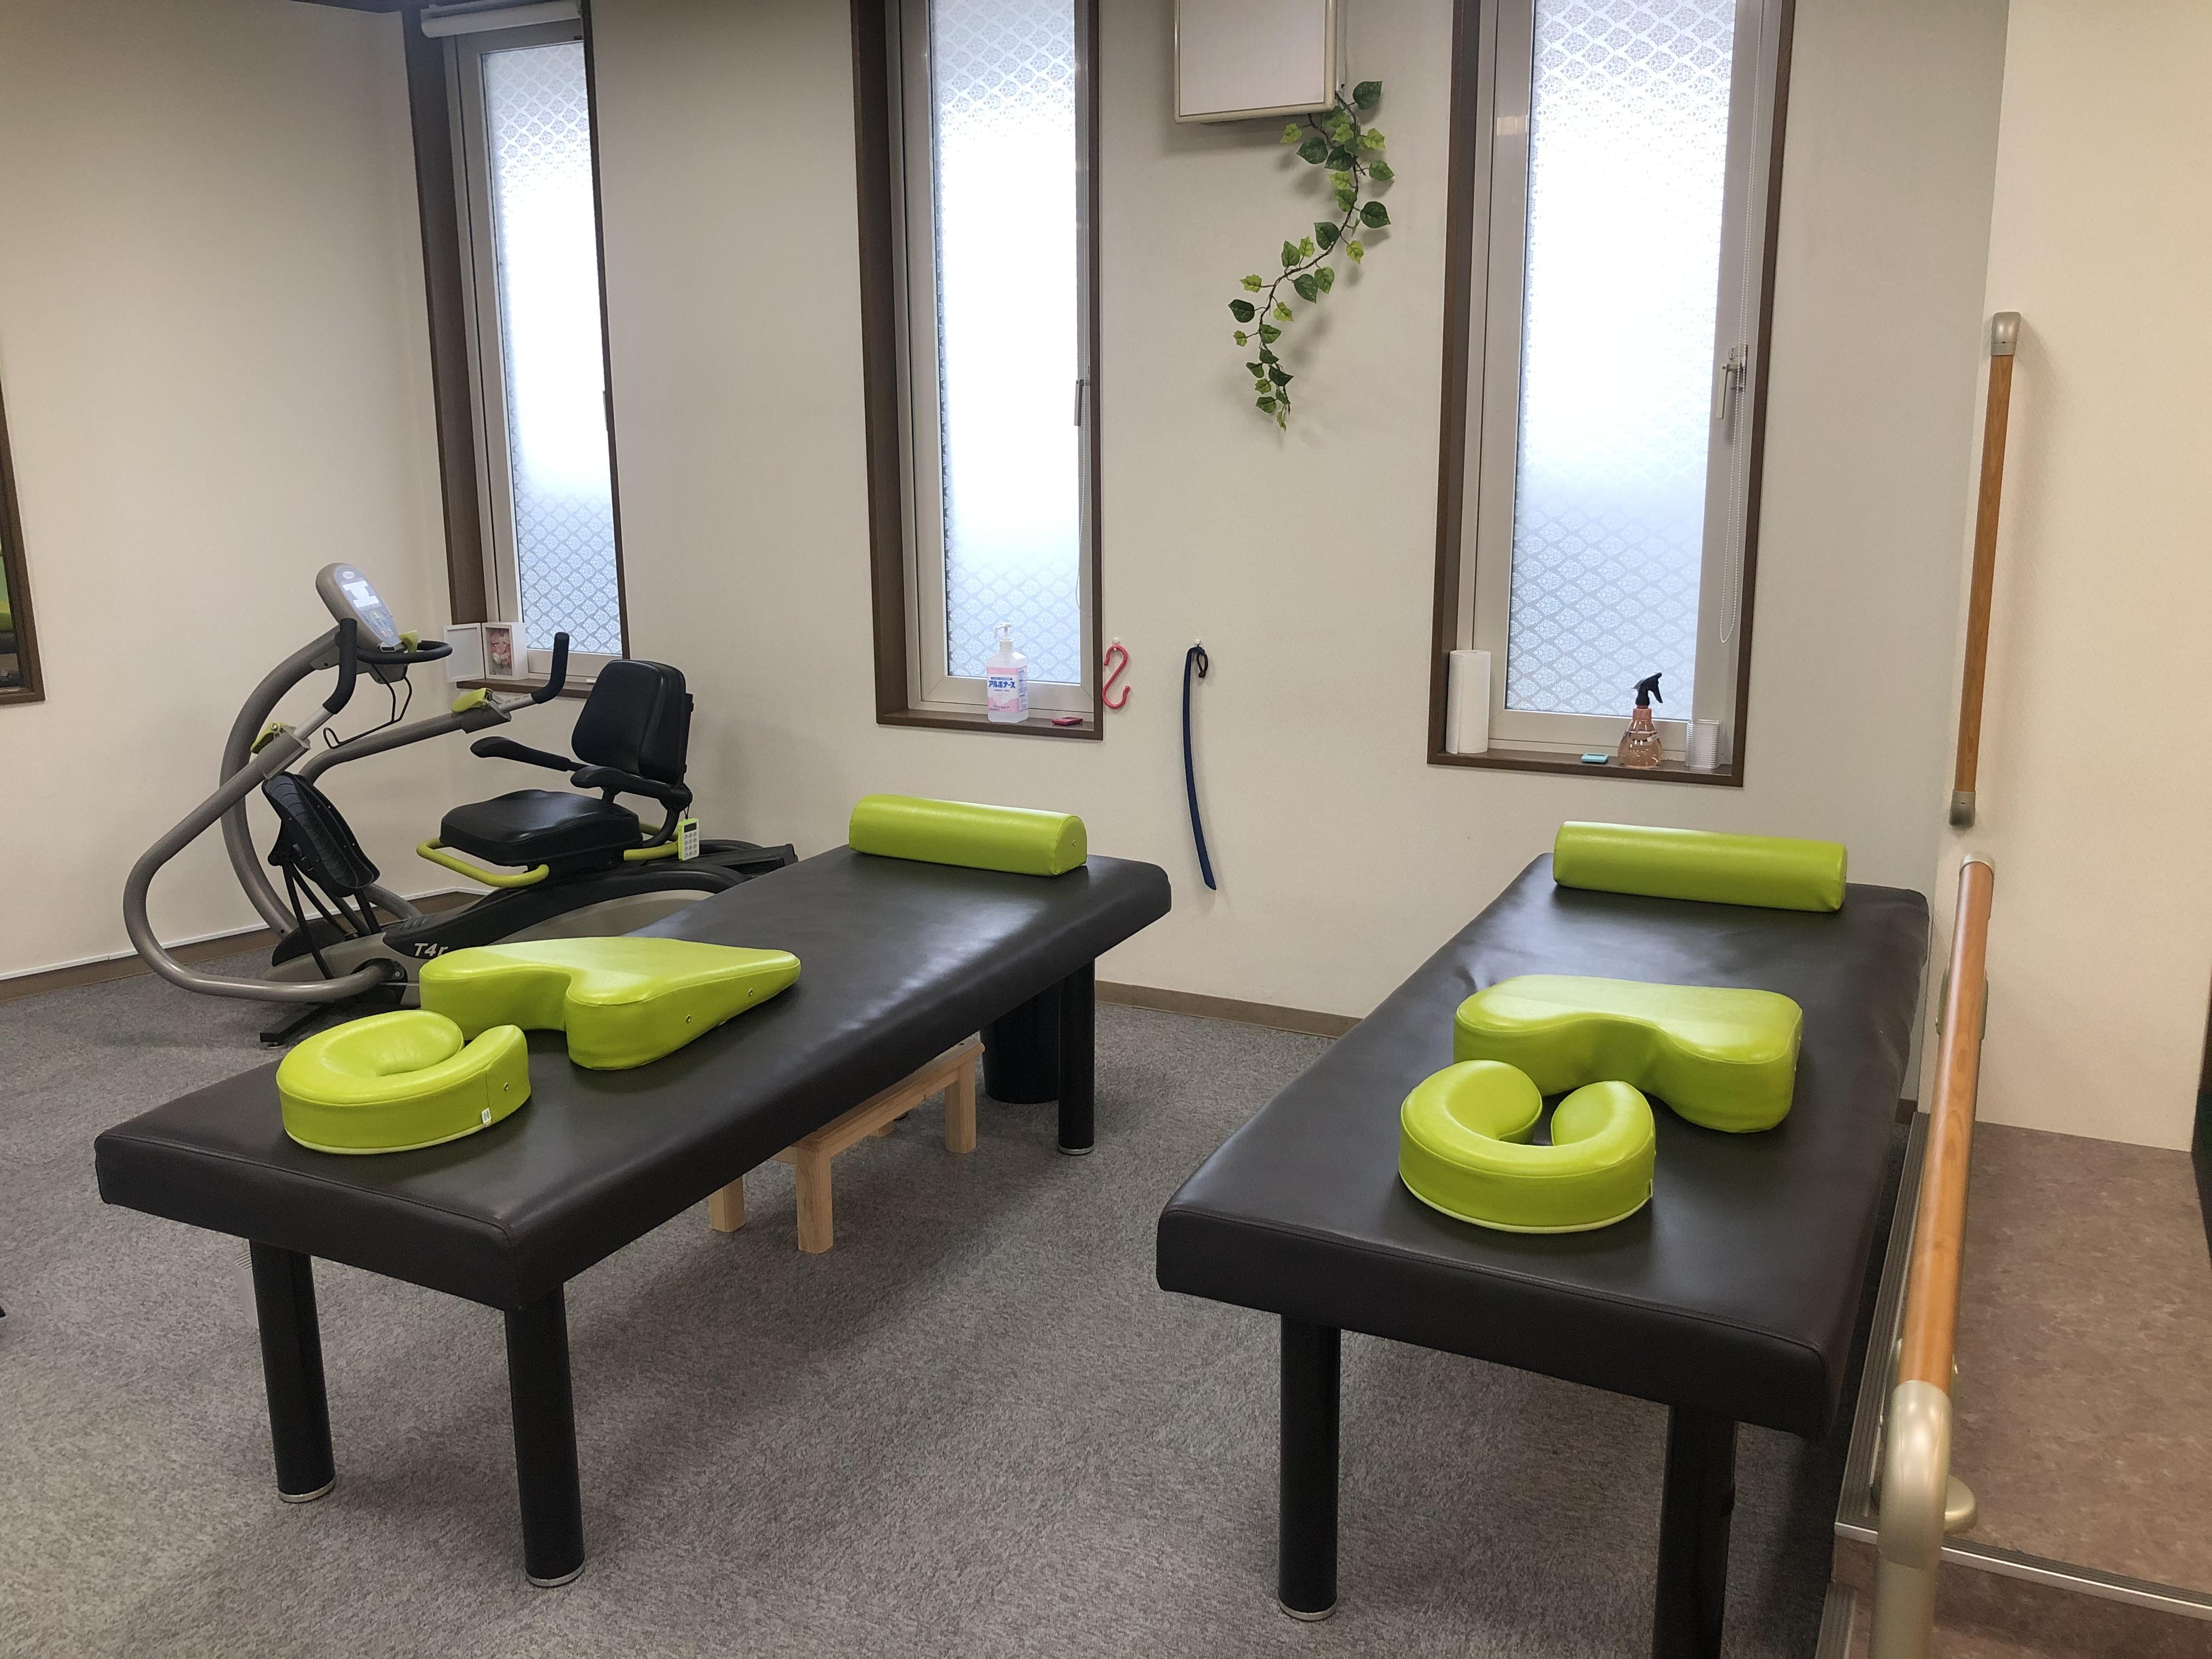 専門職がベットでマッサージや運動療法などを実施しています。